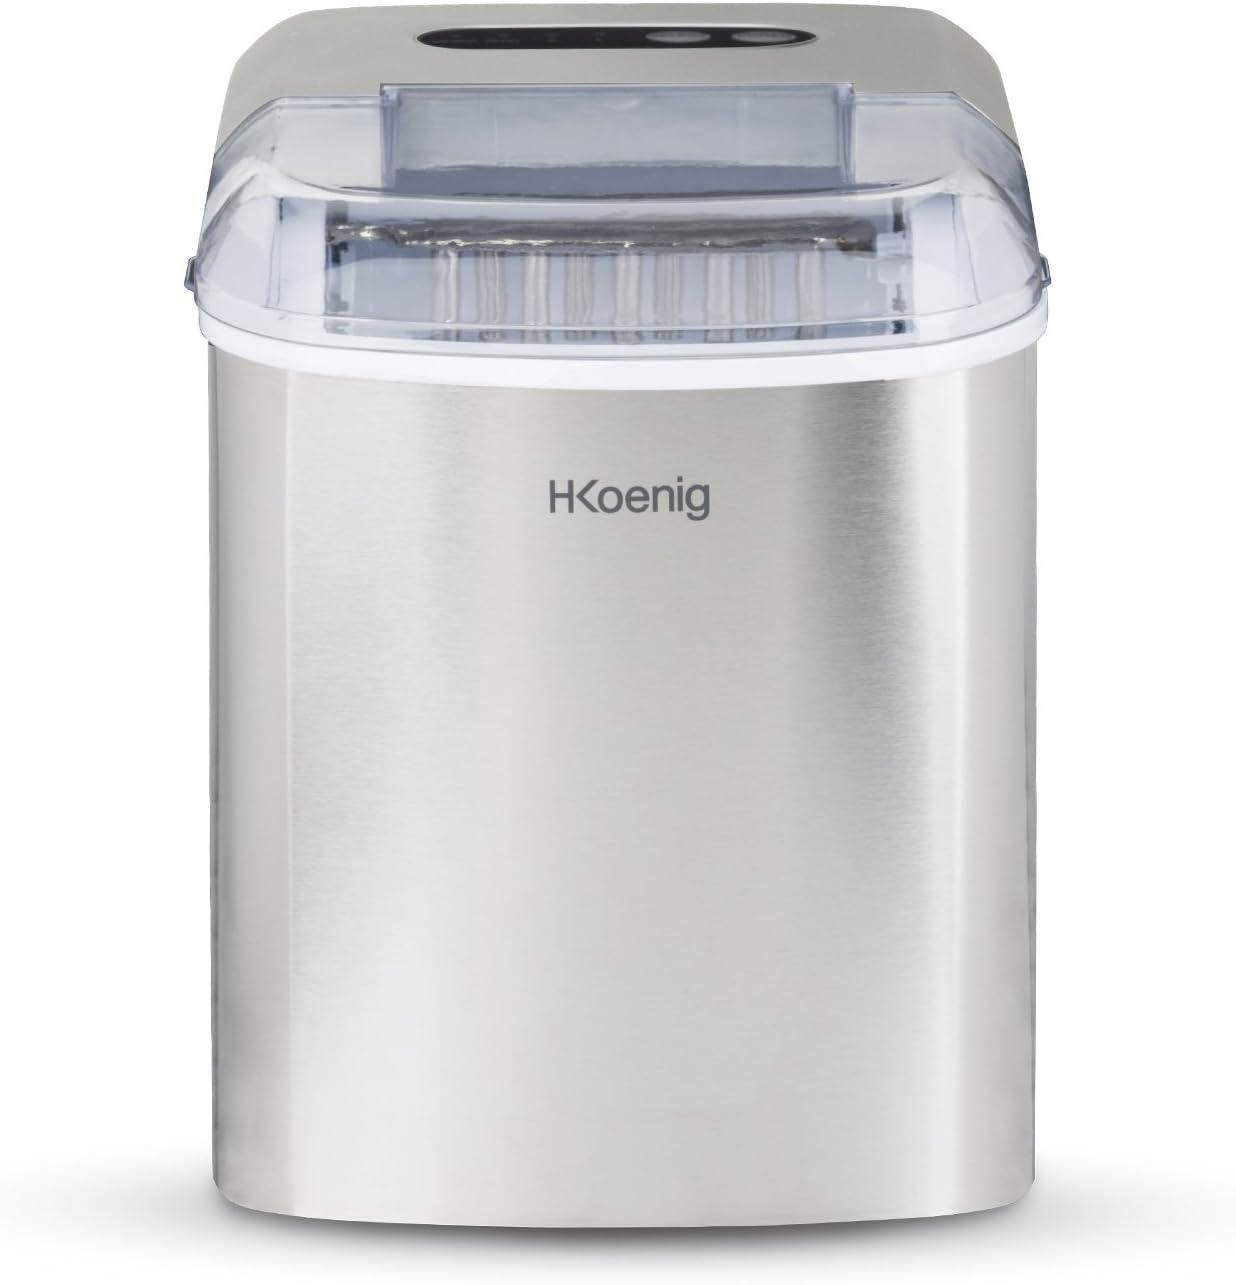 H.Koenig Máquina para Hacer Hielo, Silenciosa, 120 W, Capacidad 12 ...